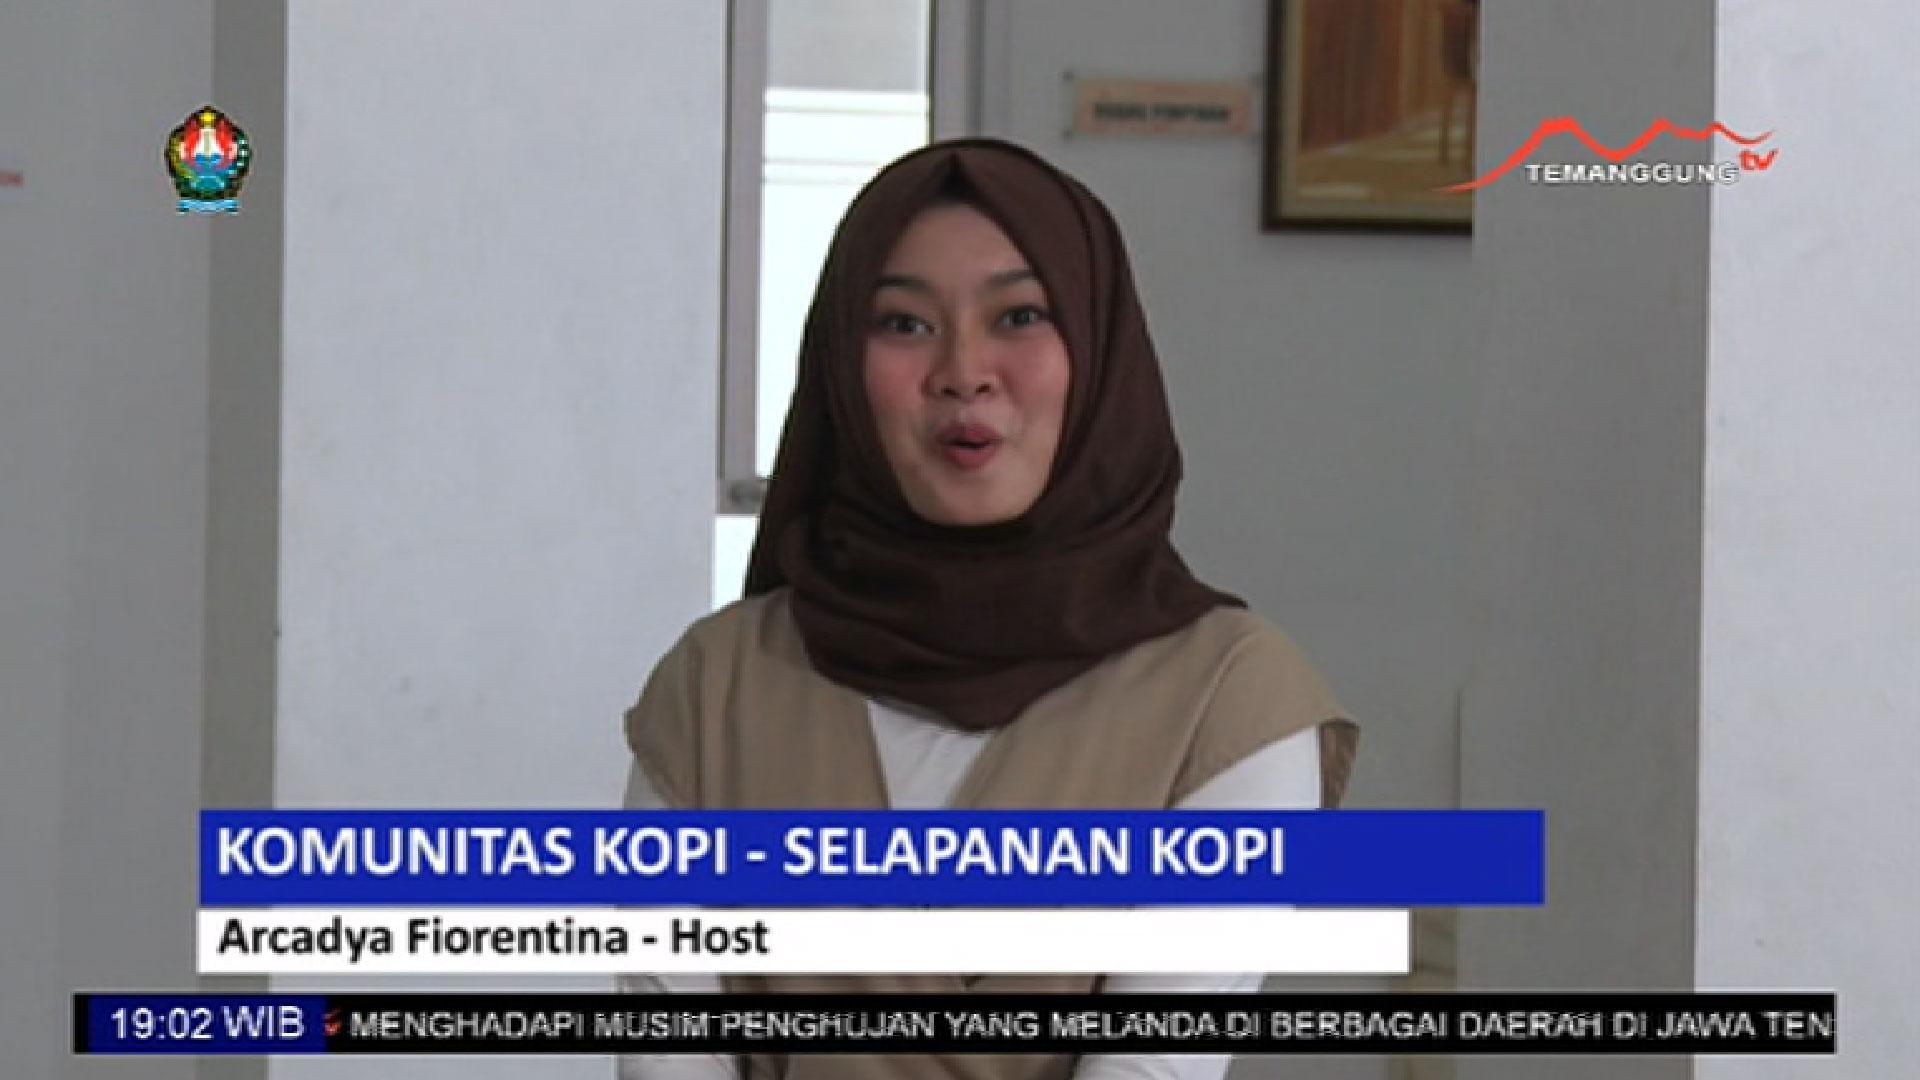 Frekuensi siaran Temanggung TV di satelit Telkom 4 Terbaru